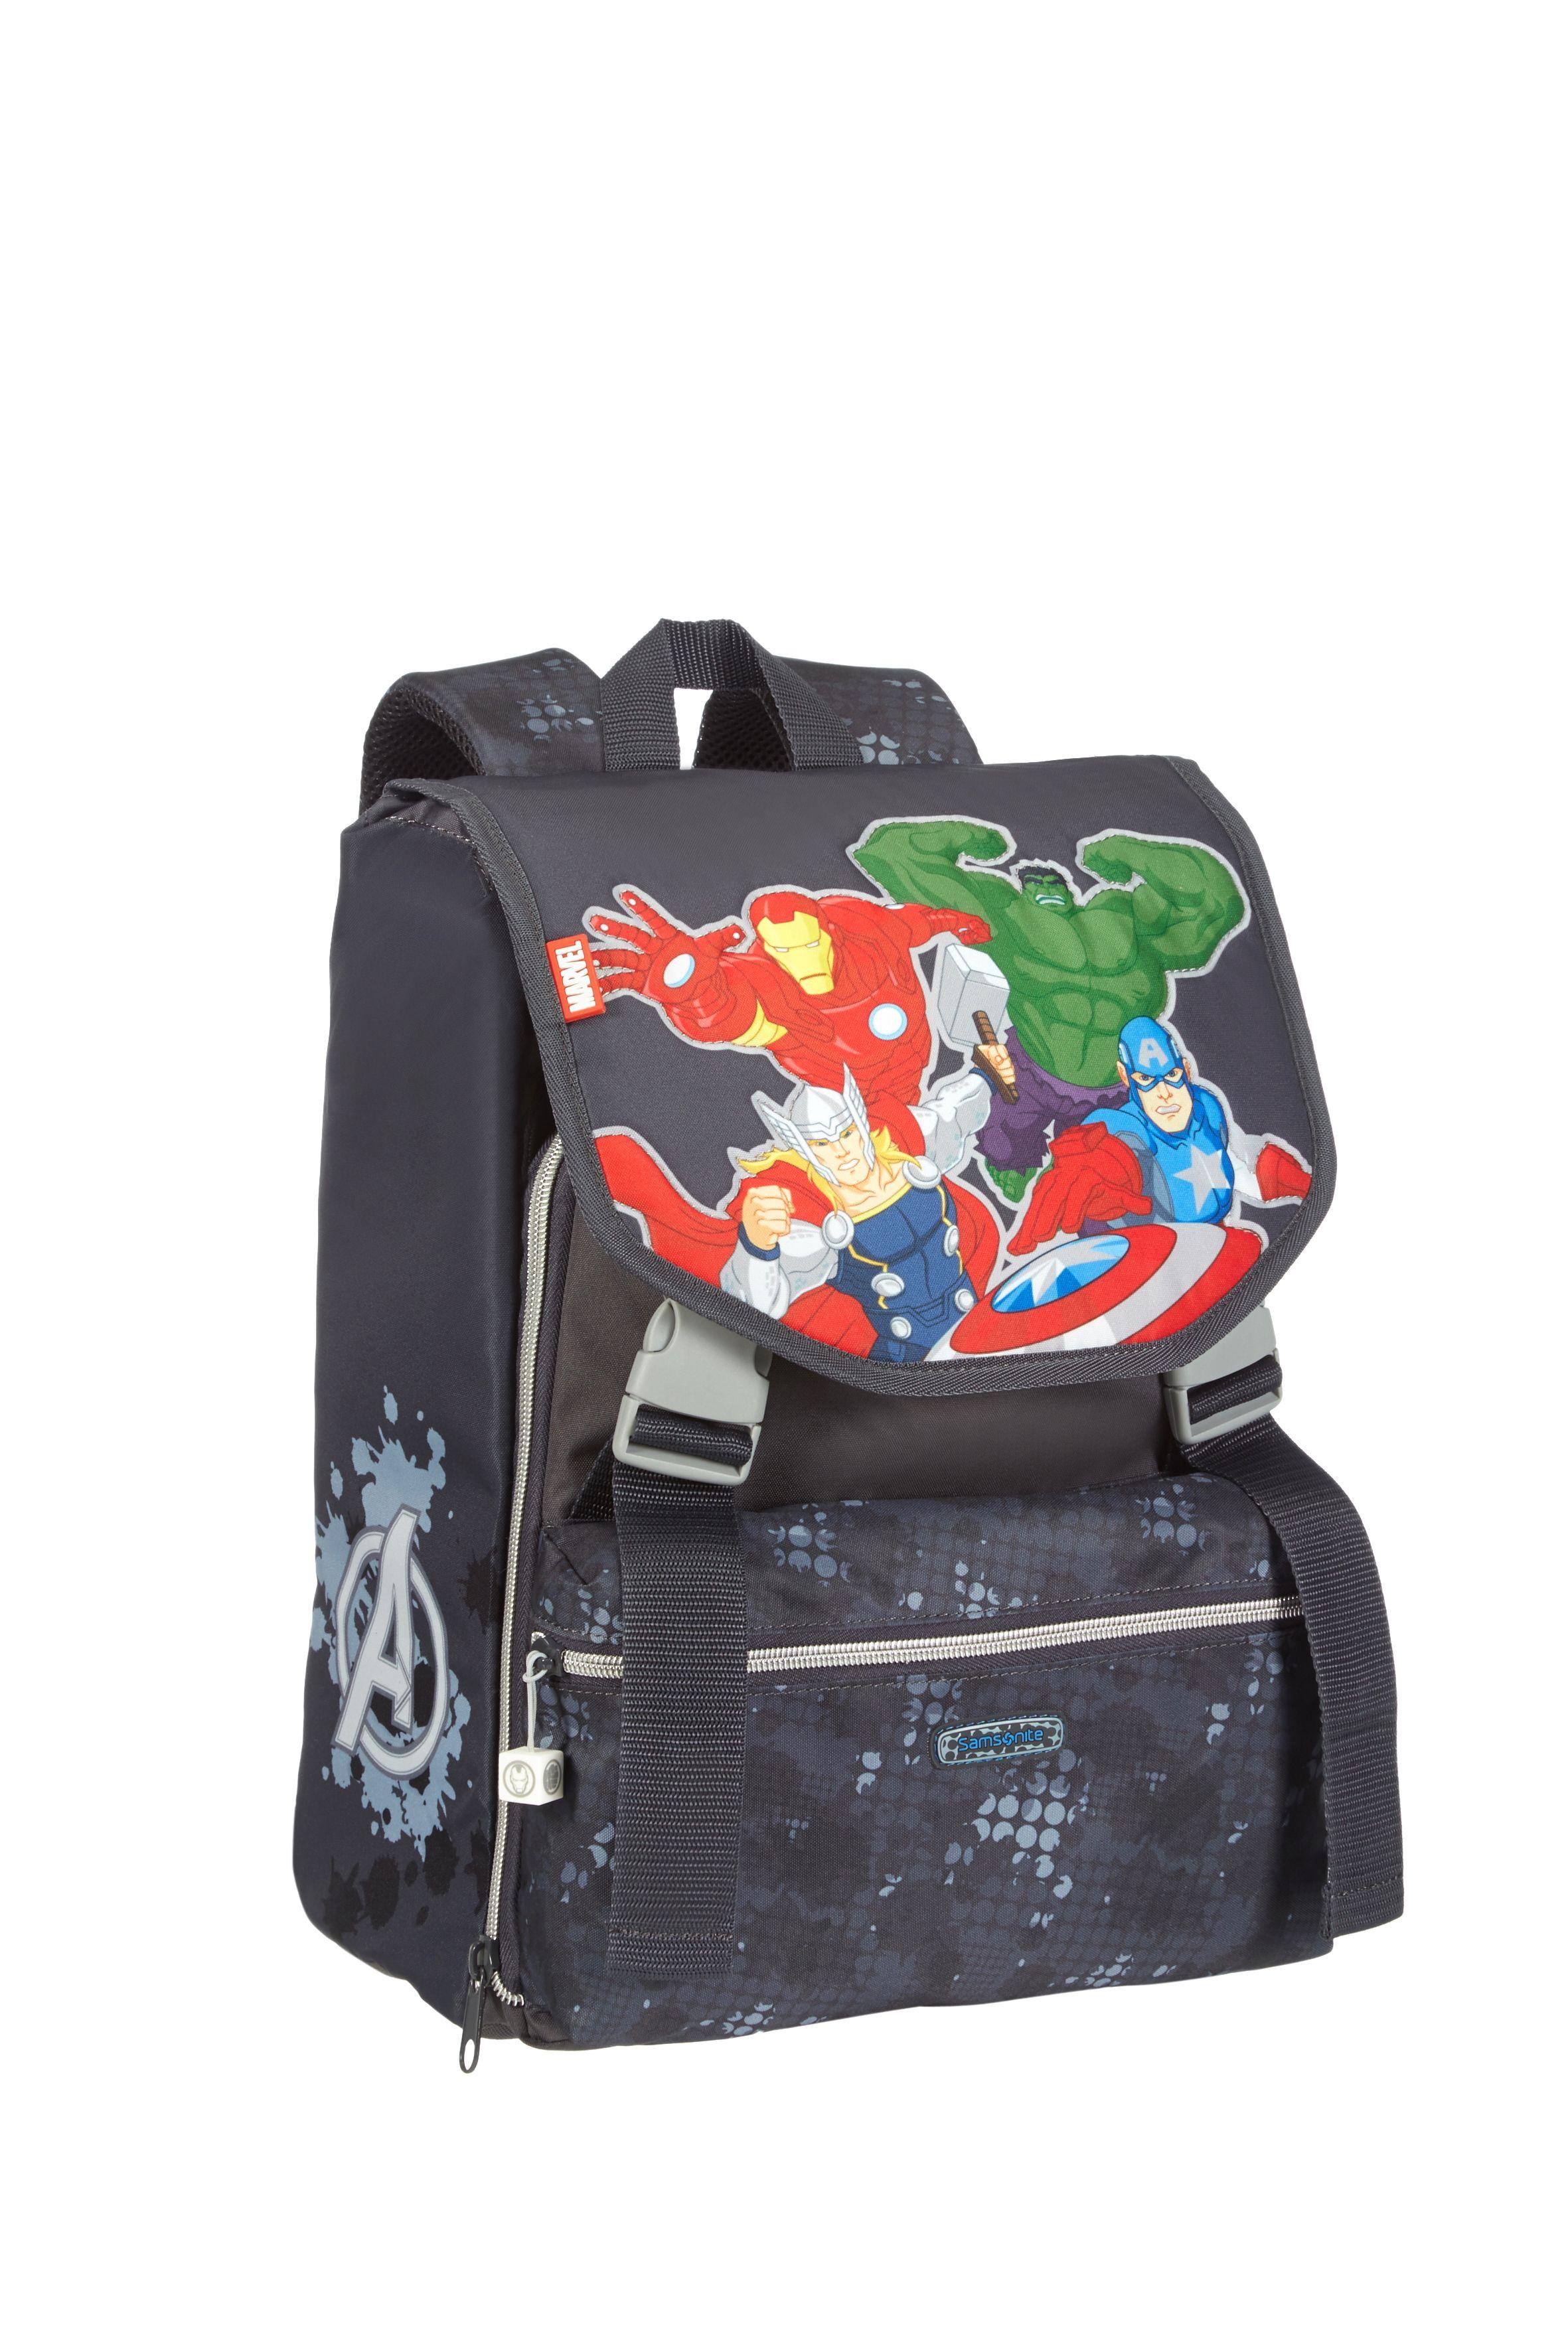 f8537228b7 Marvel Wonder - Avengers Ergonomic Backpack  Disney  Samsonite  Avengers   Hulk  IronMan  CaptainAmerica  Thor  Marvel  Travel  Kids  School   Schoolbag ...